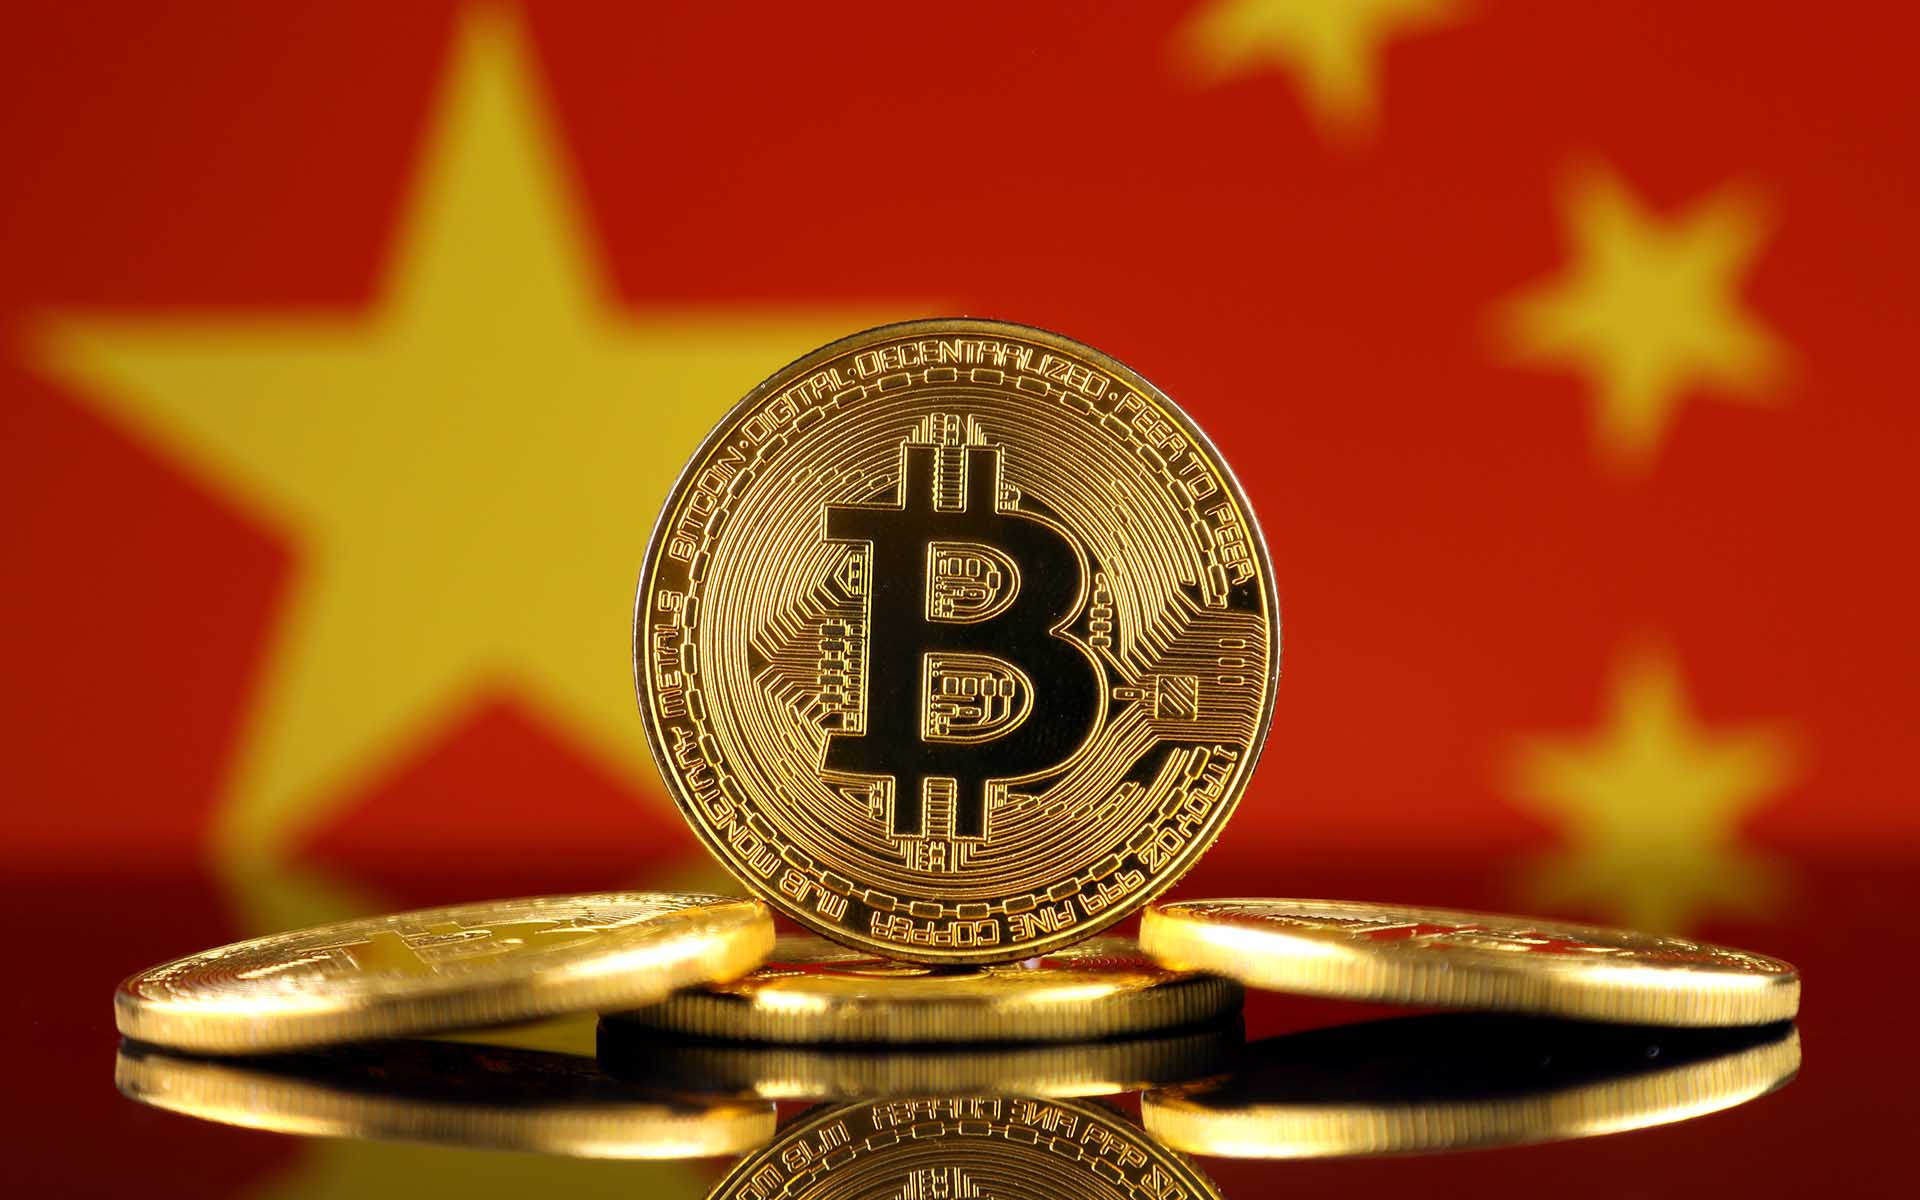 Çin'in Sichuan Bölgesinde 26 Kripto Para Madencisi Durduruluyor